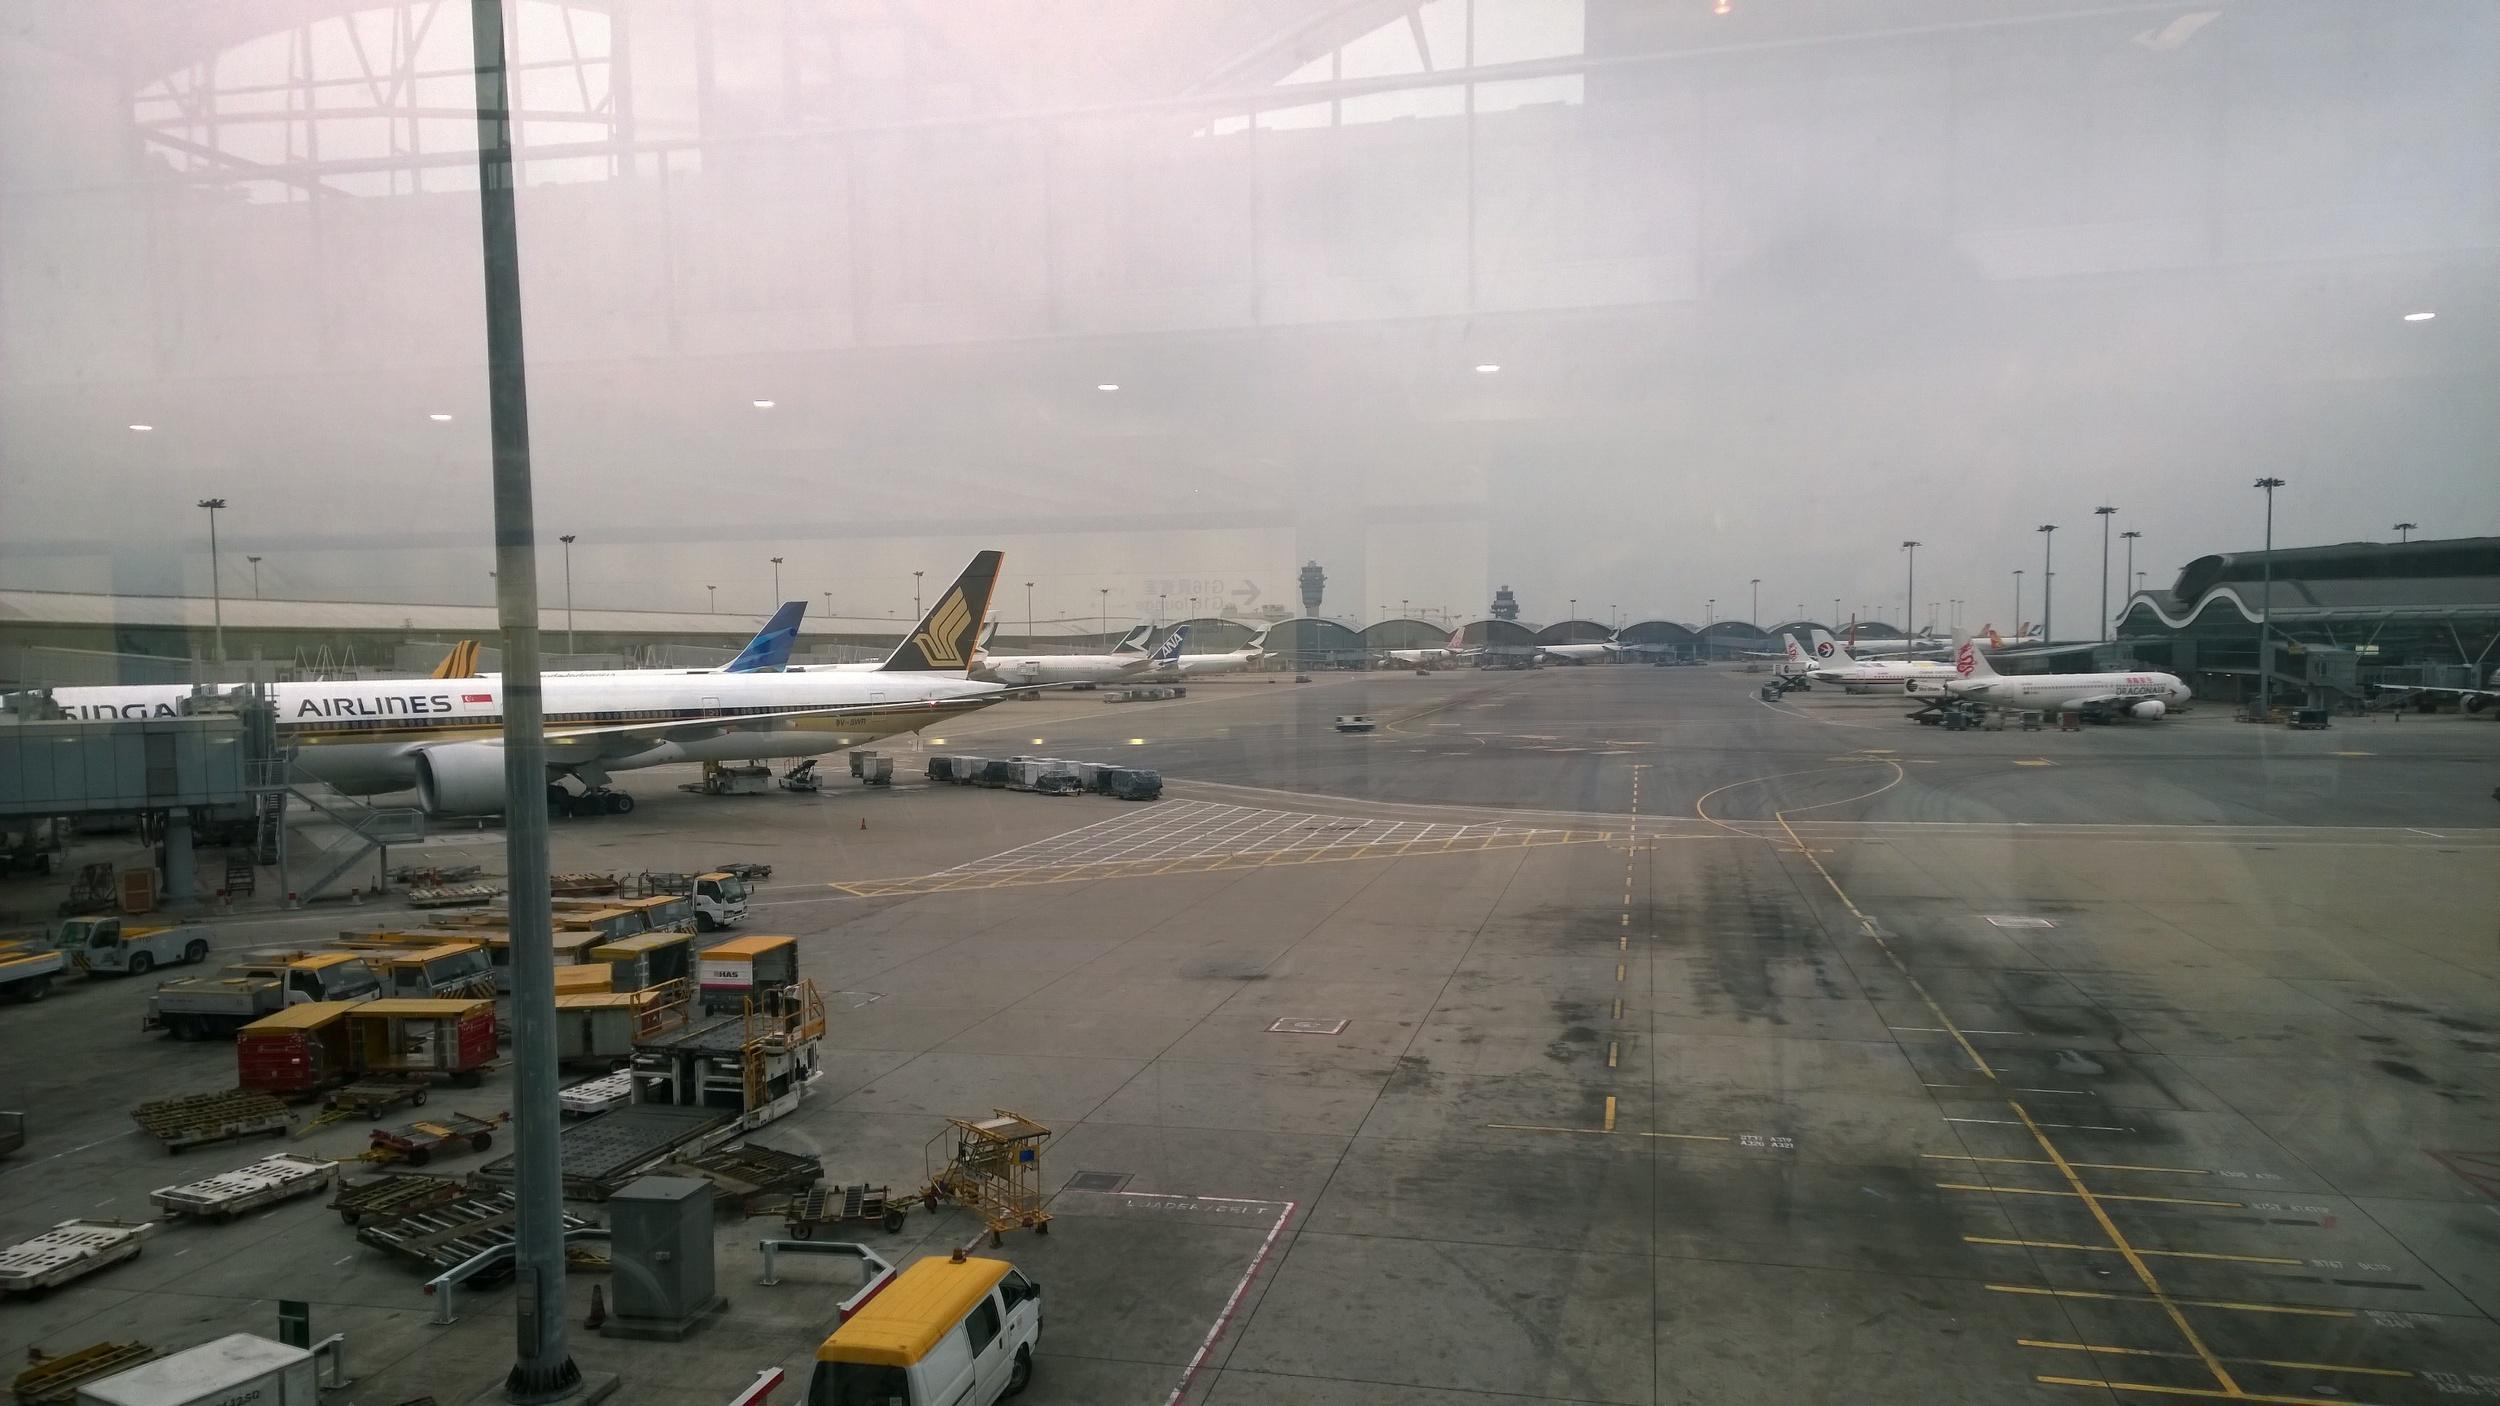 Arrive at HK International Airport